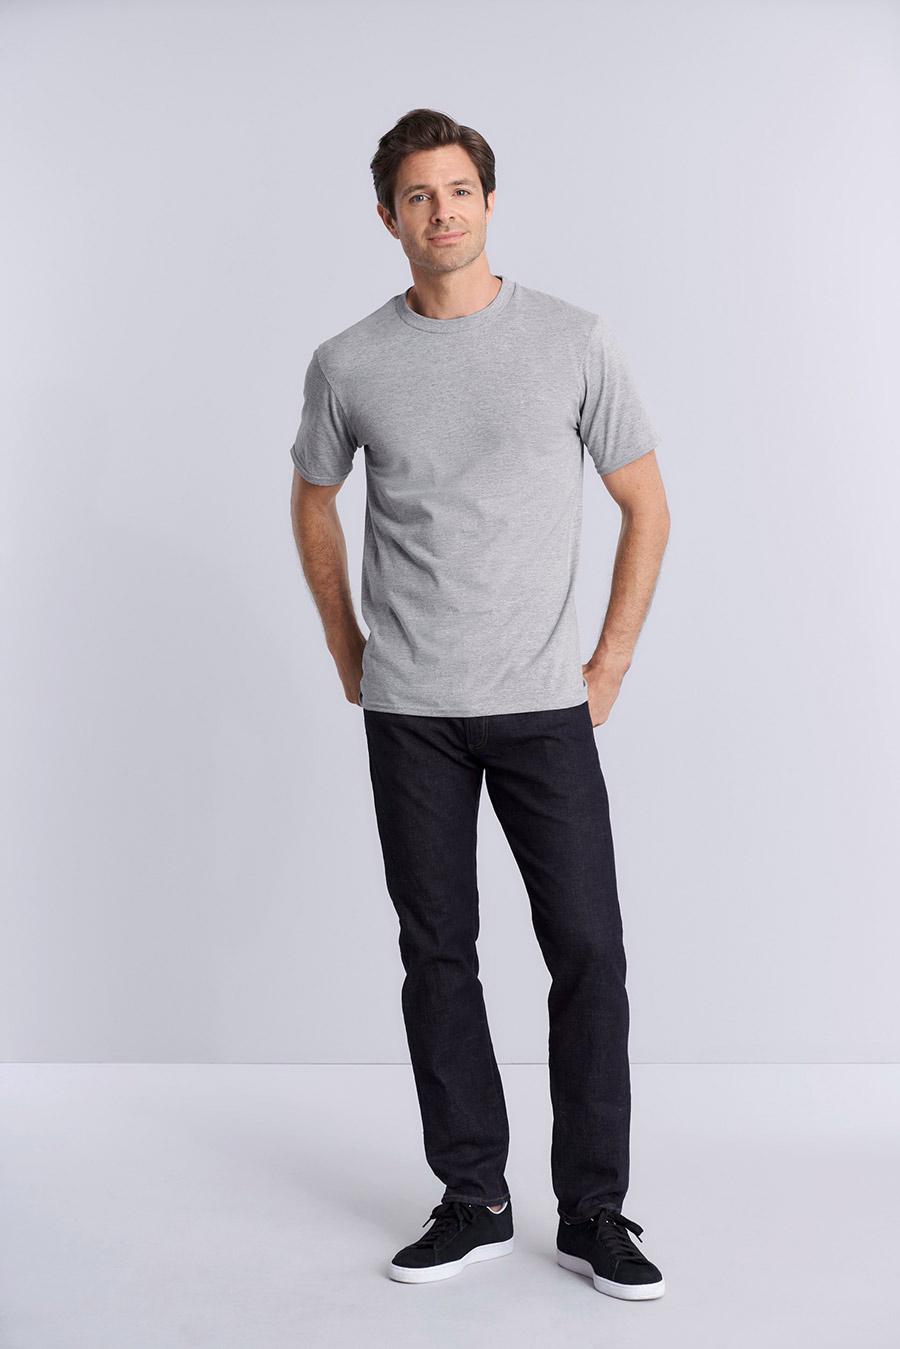 105.09 Premium Cotton Adult T-Shirt 4100